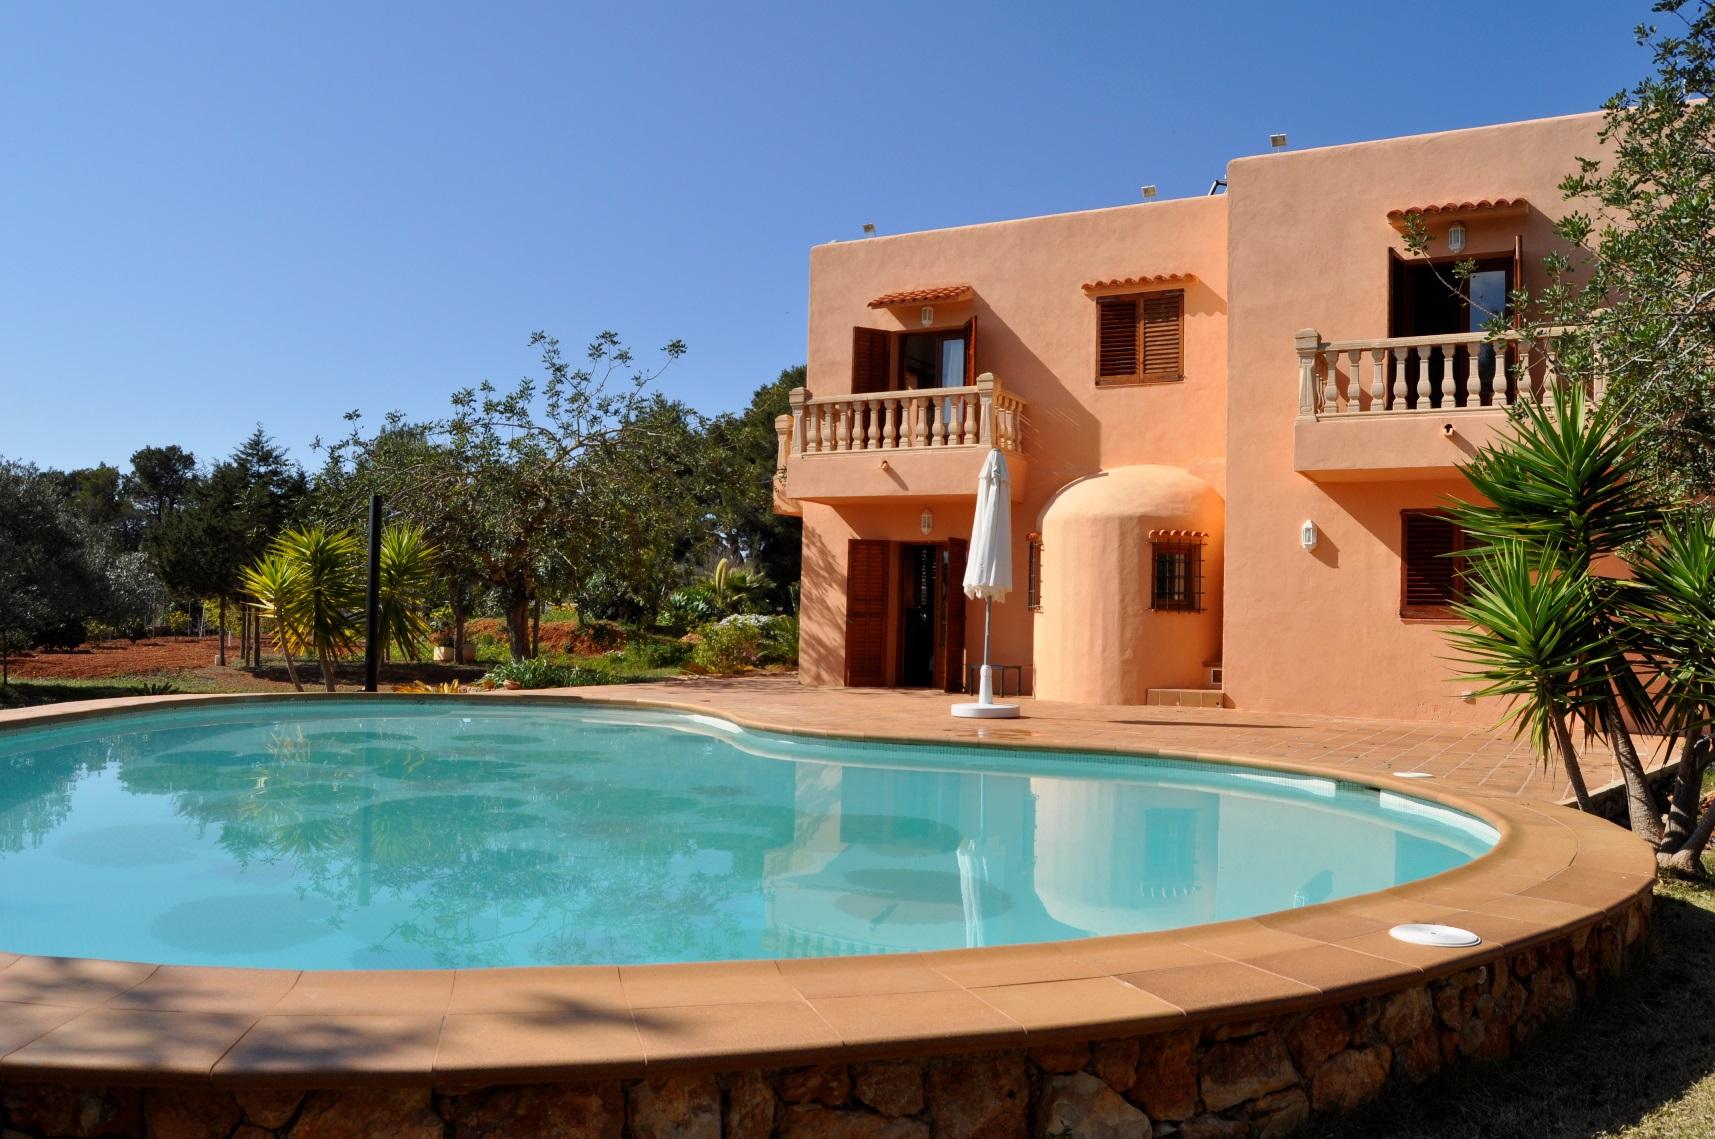 Optimus ibiza servicios inmobiliarios y de conserjer a for Casas grandes con piscina y jardin